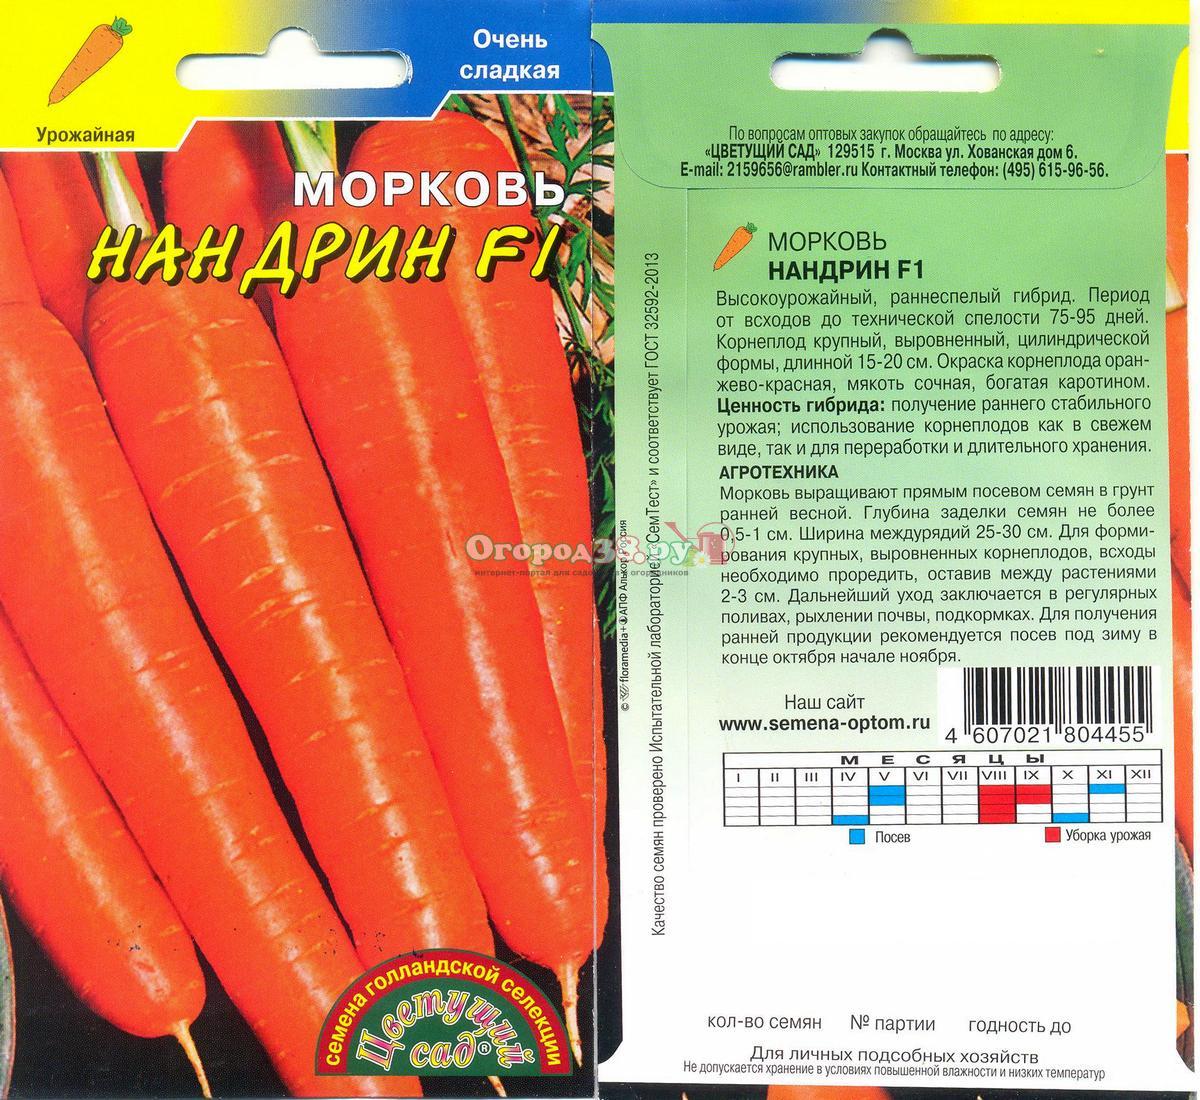 Морковь абако: подробная характеристика и описание раннего сорта, каковы его плюсы и минусы, где в россии его сажают, а также как выращивать в разных регионах